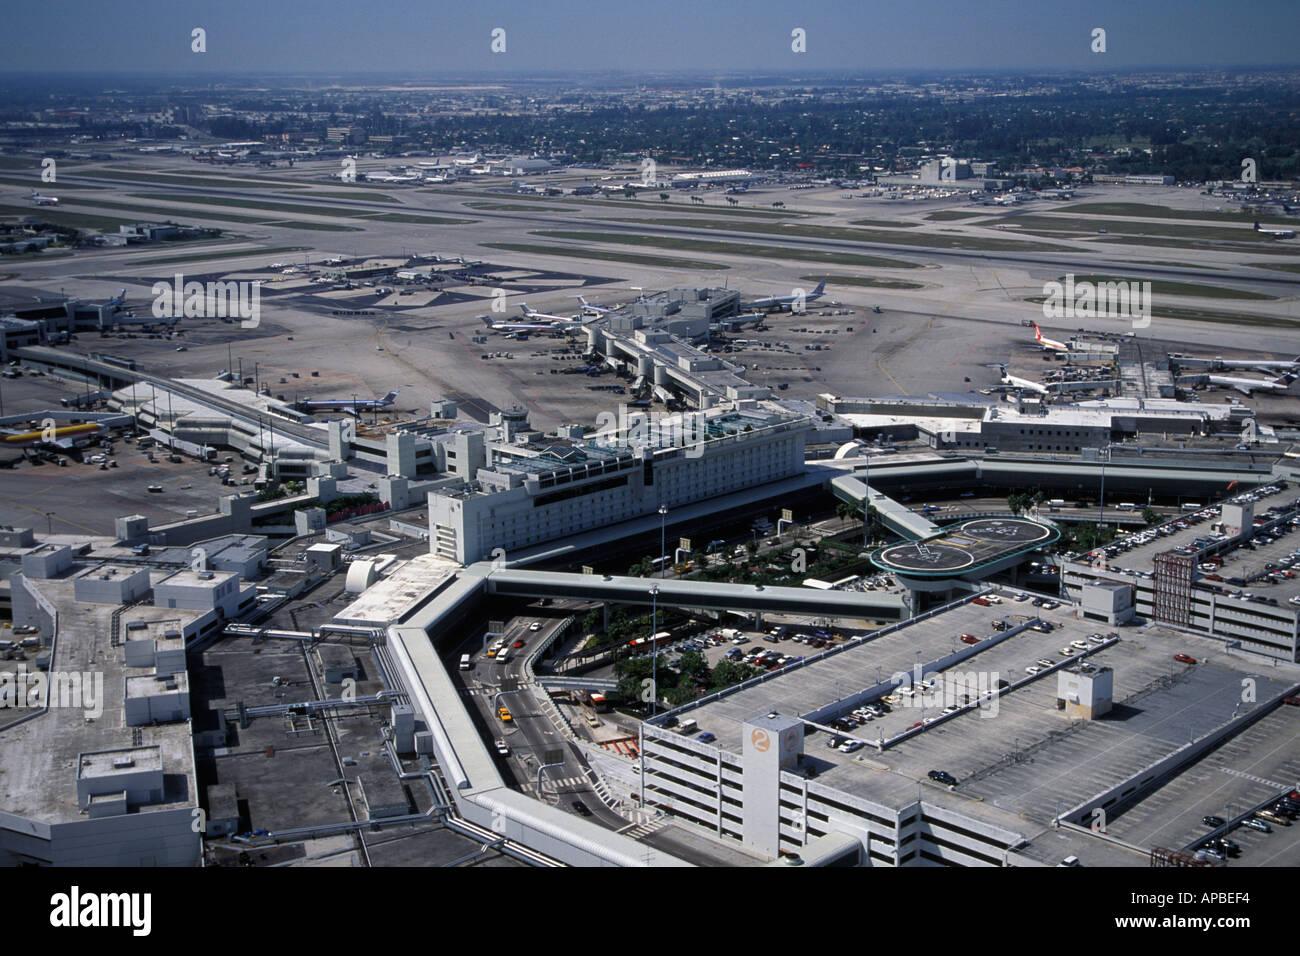 vista aérea del aeropuerto internacional de miami florida